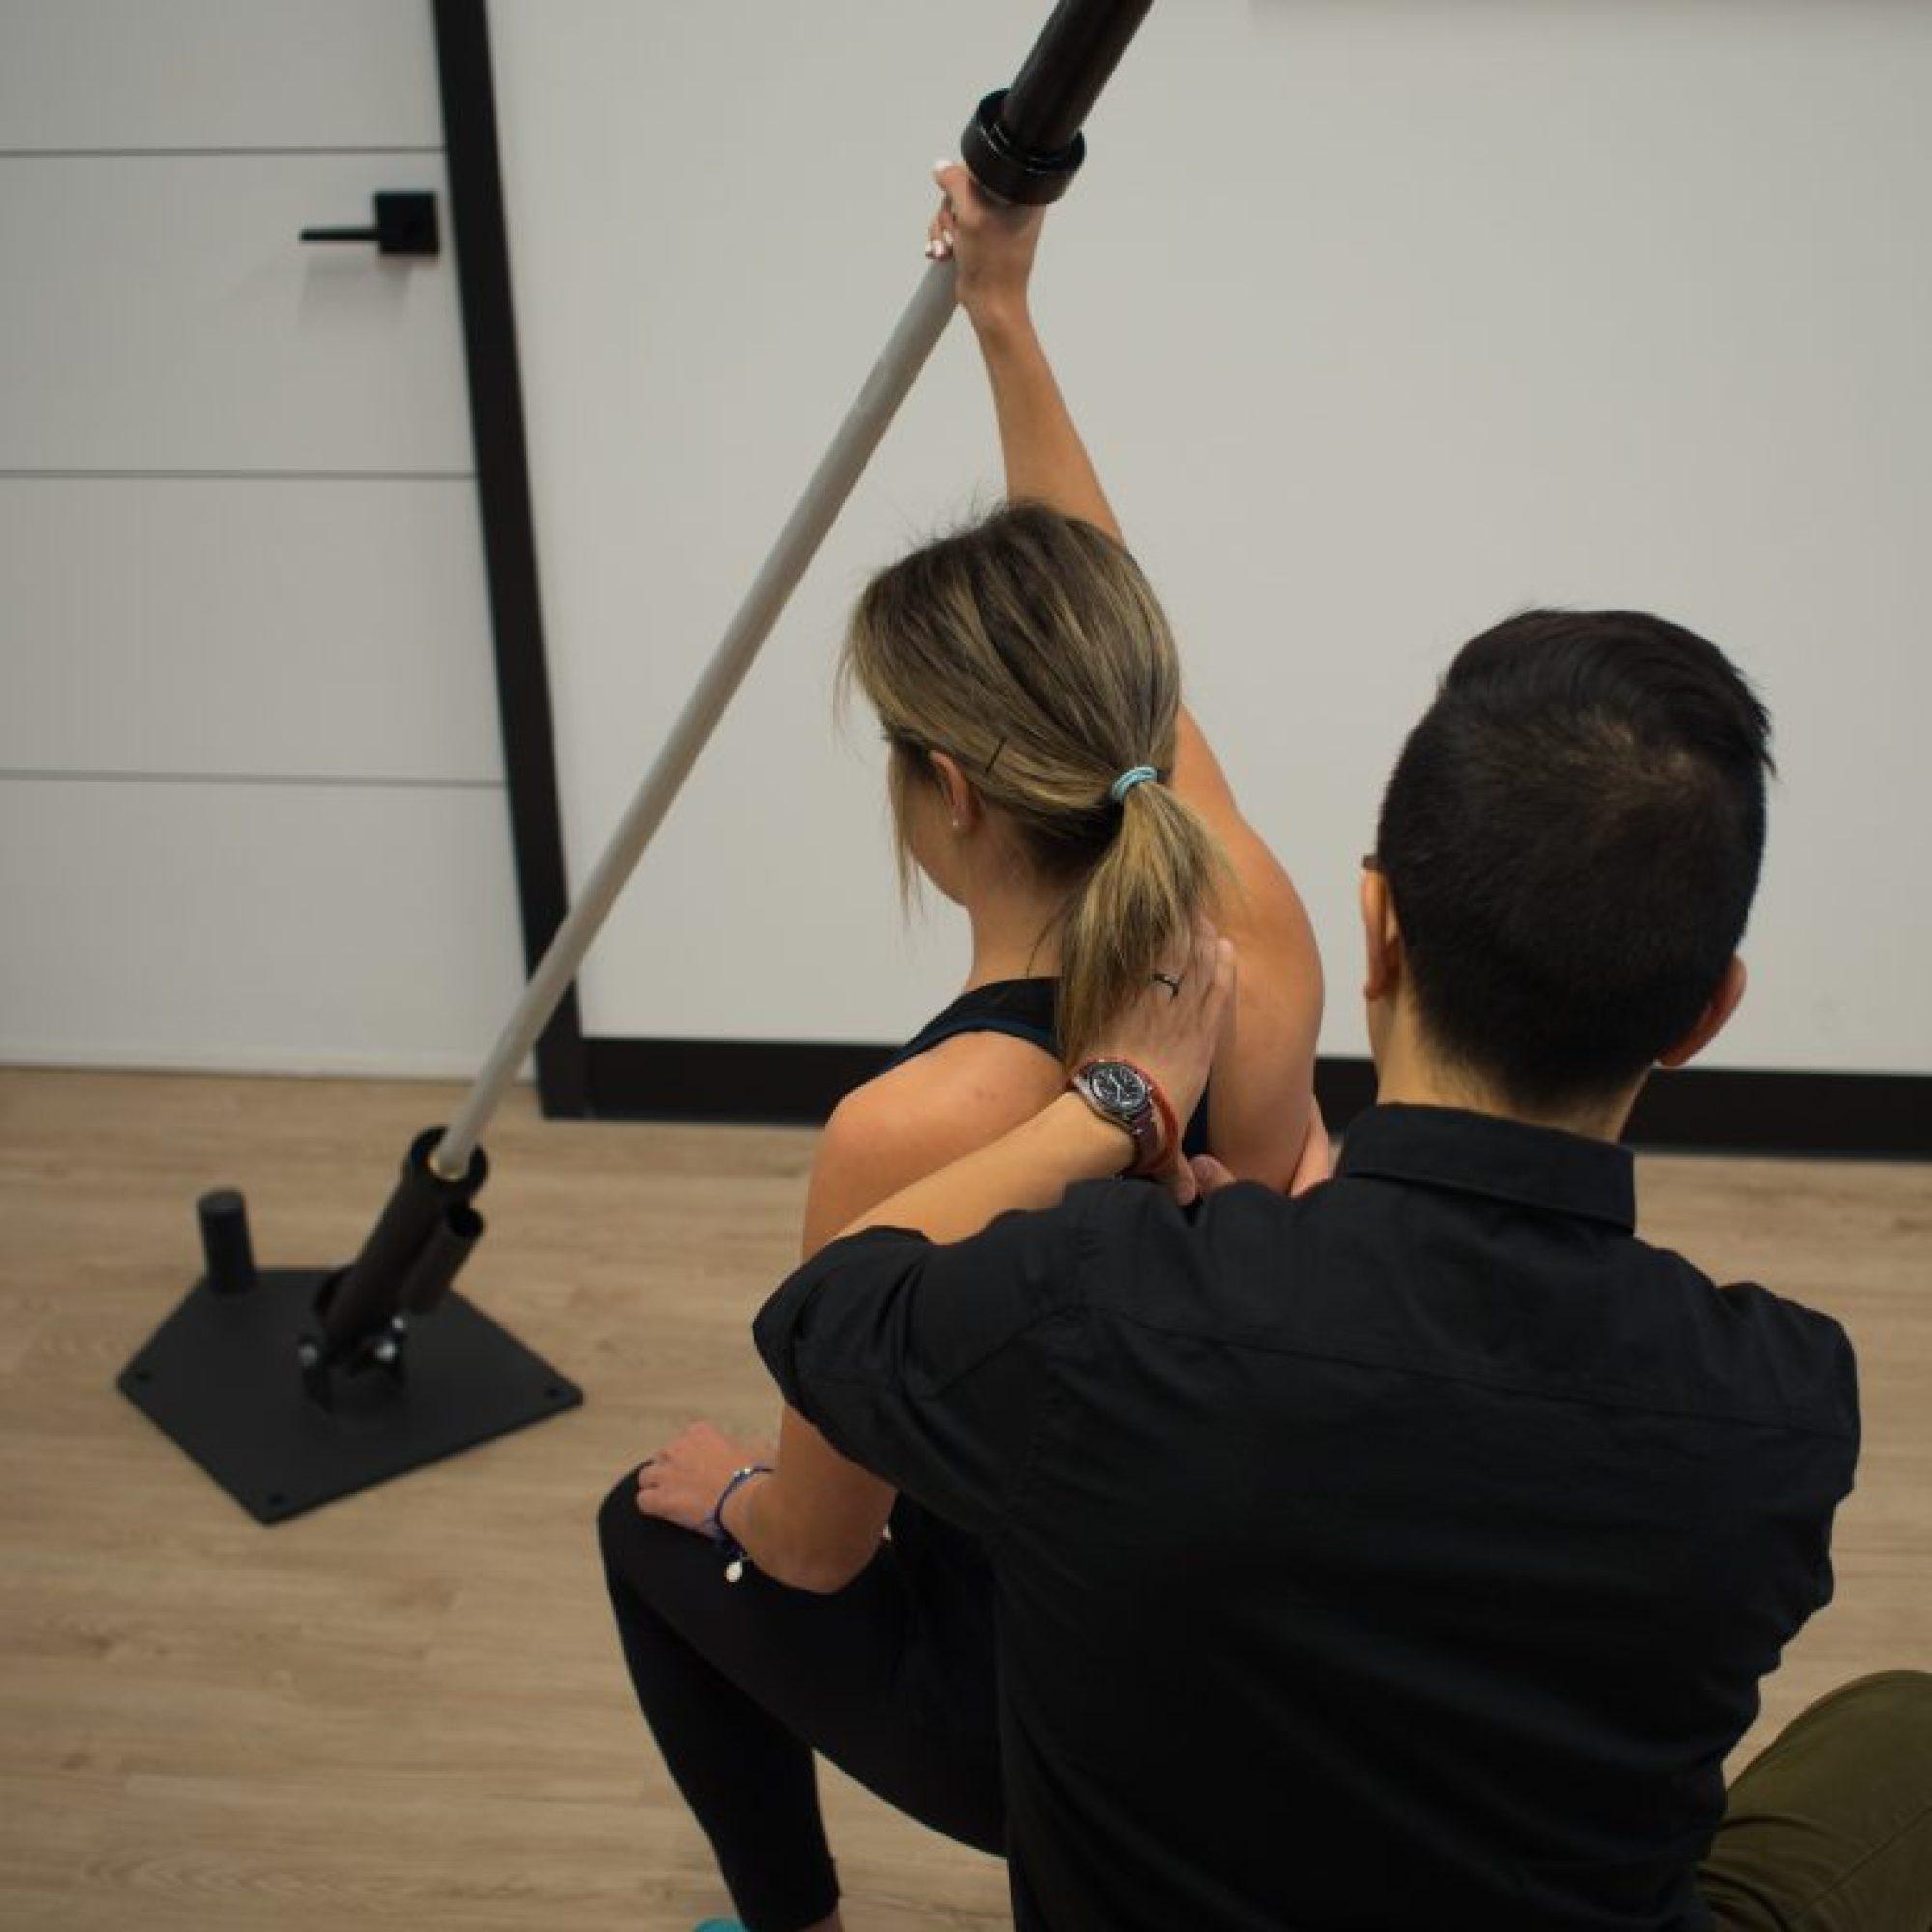 Balance physiotherapy & massage shoulder rehab